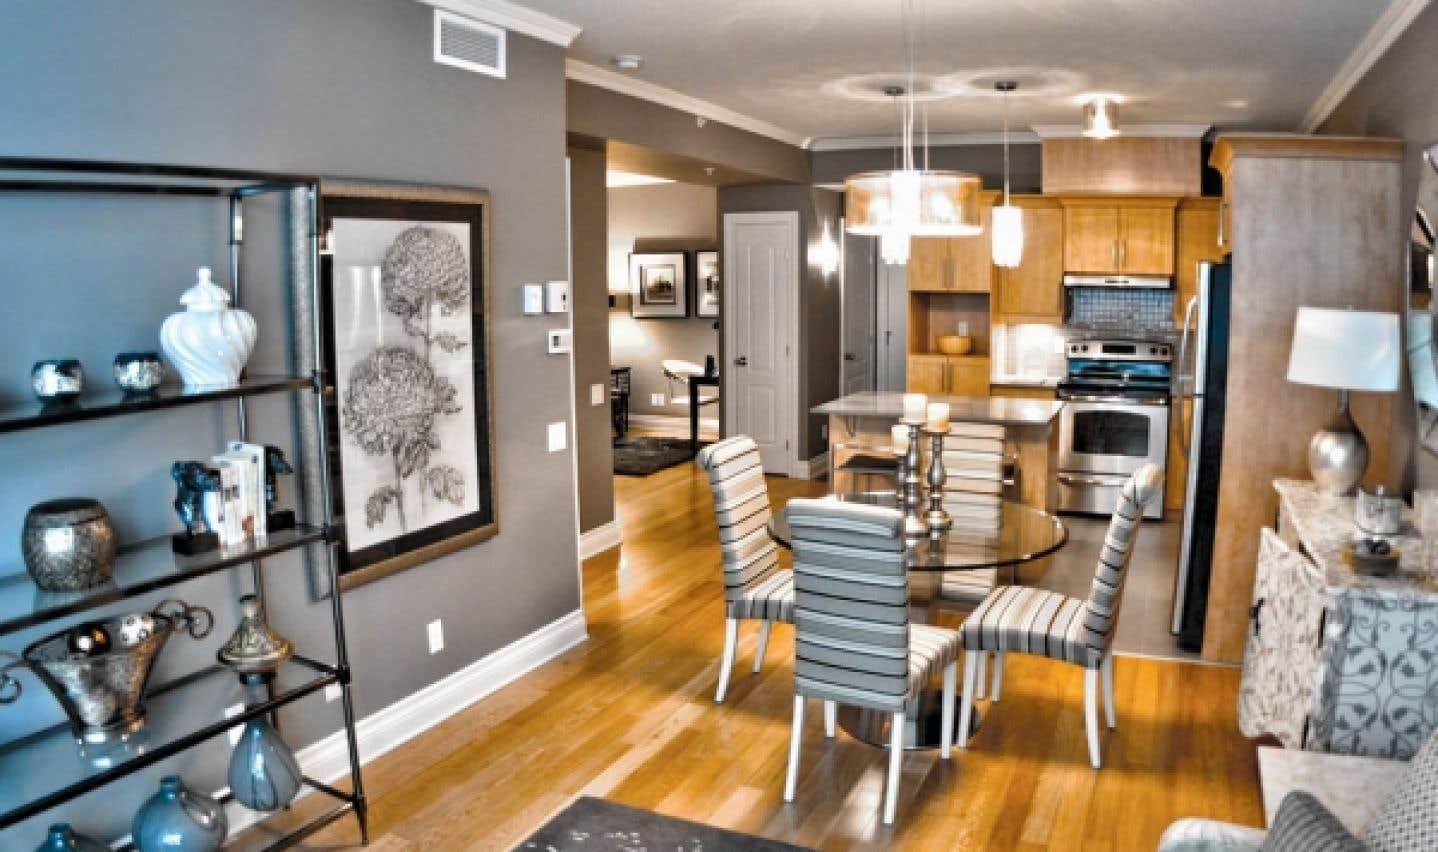 On remarque que de nombreux projets mis en valeur au cours des Week-ends visites libres présentent une unité modèle décorée, afin de donner un aperçu des tendances en aménagement intérieur.